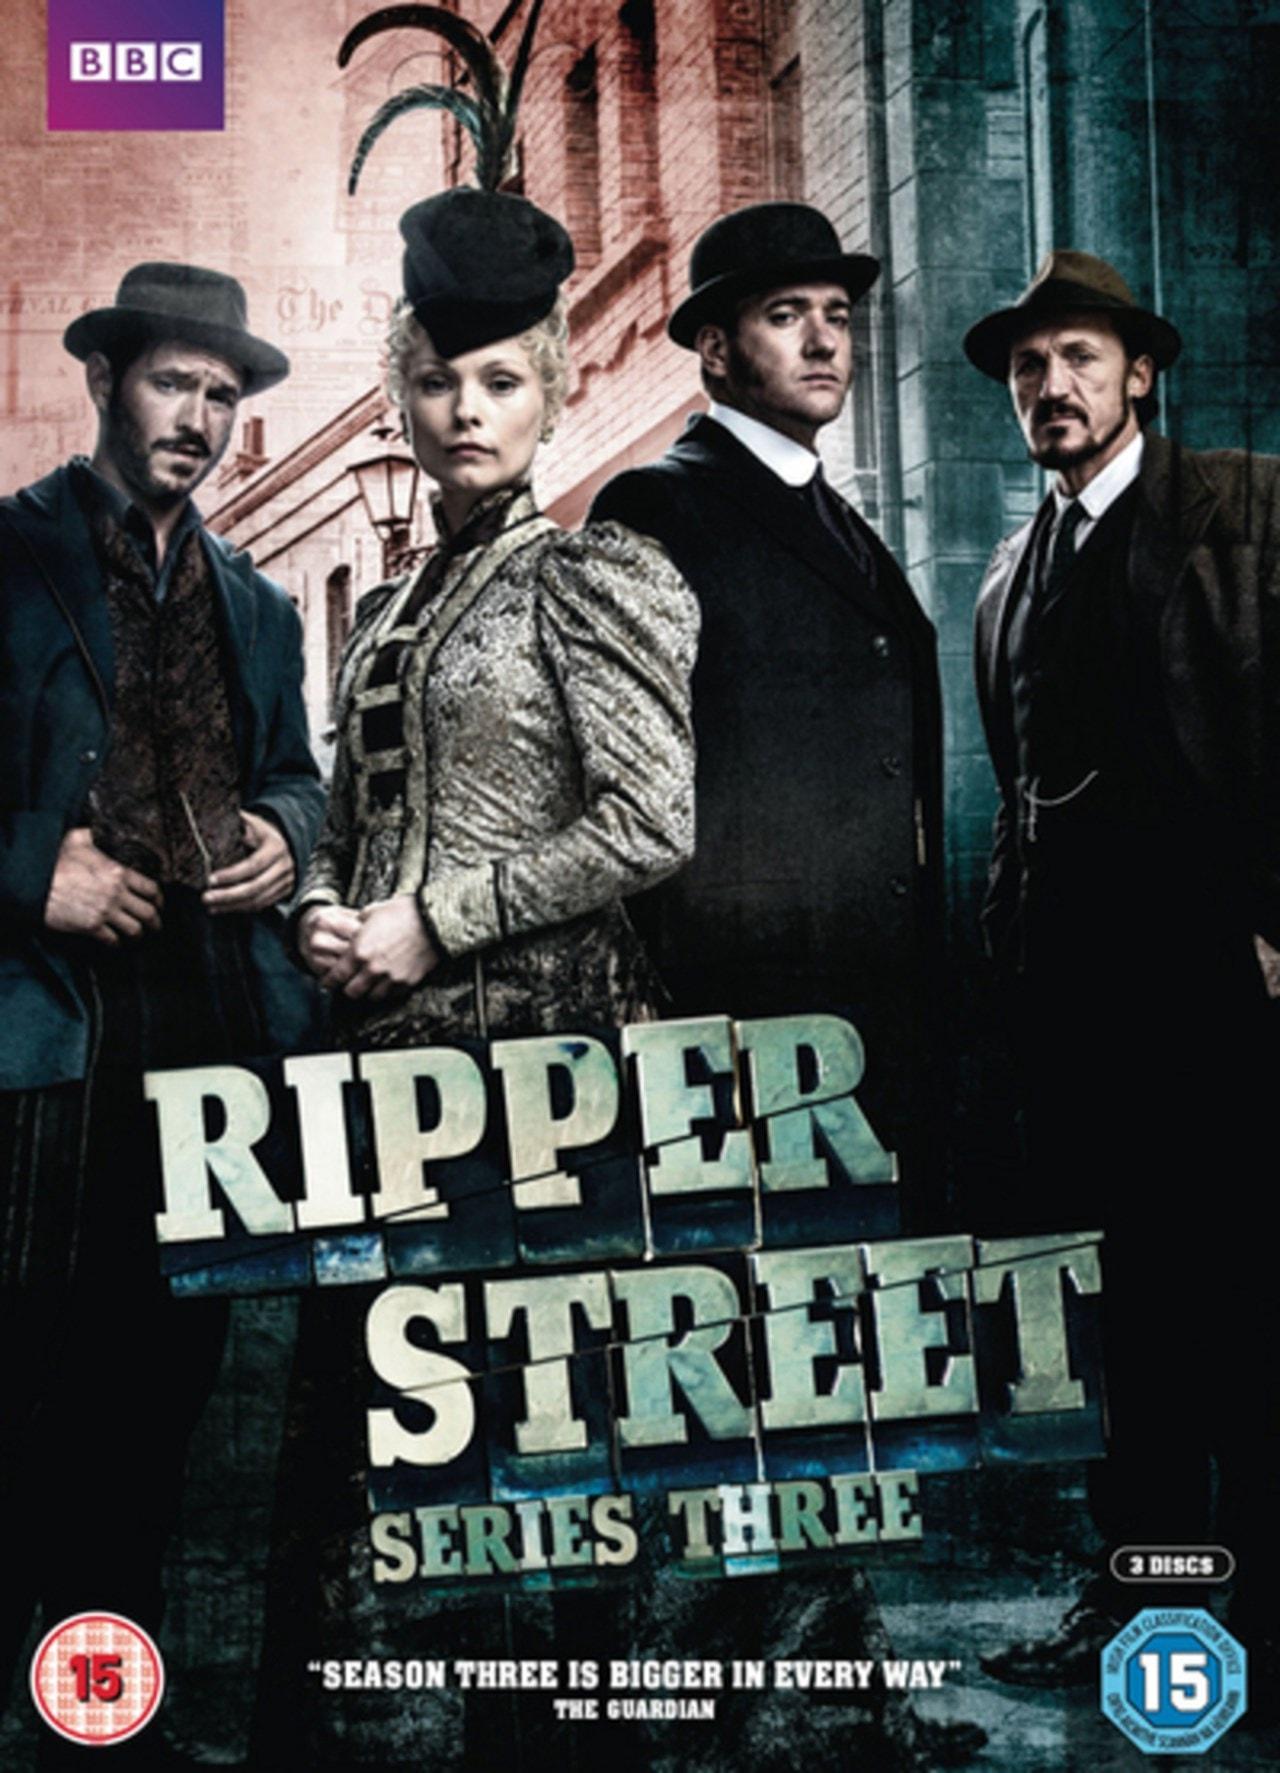 Ripper Street: Series 3 - 1